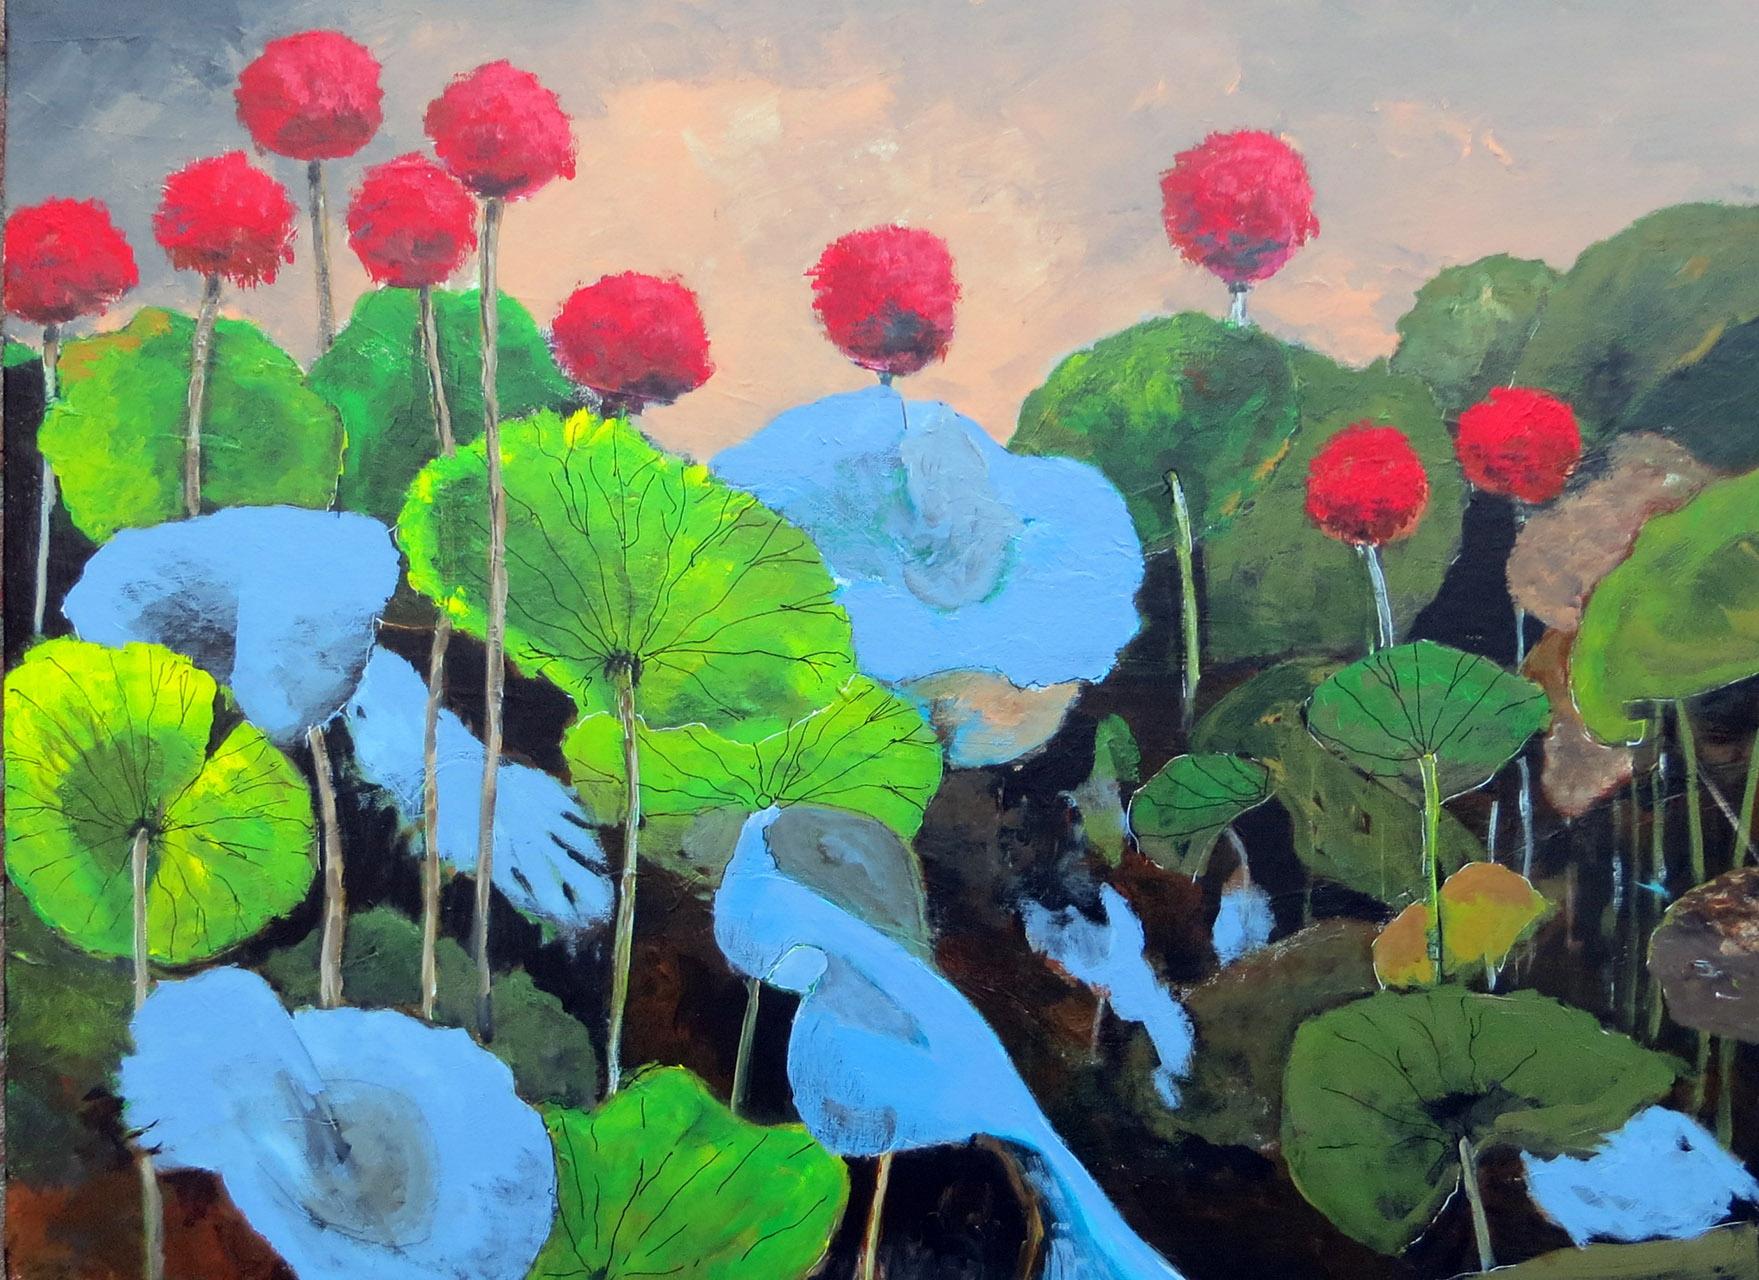 Peter Hoeben_Bladeren en Bloemen 2_Acryl op doek_60x80x4